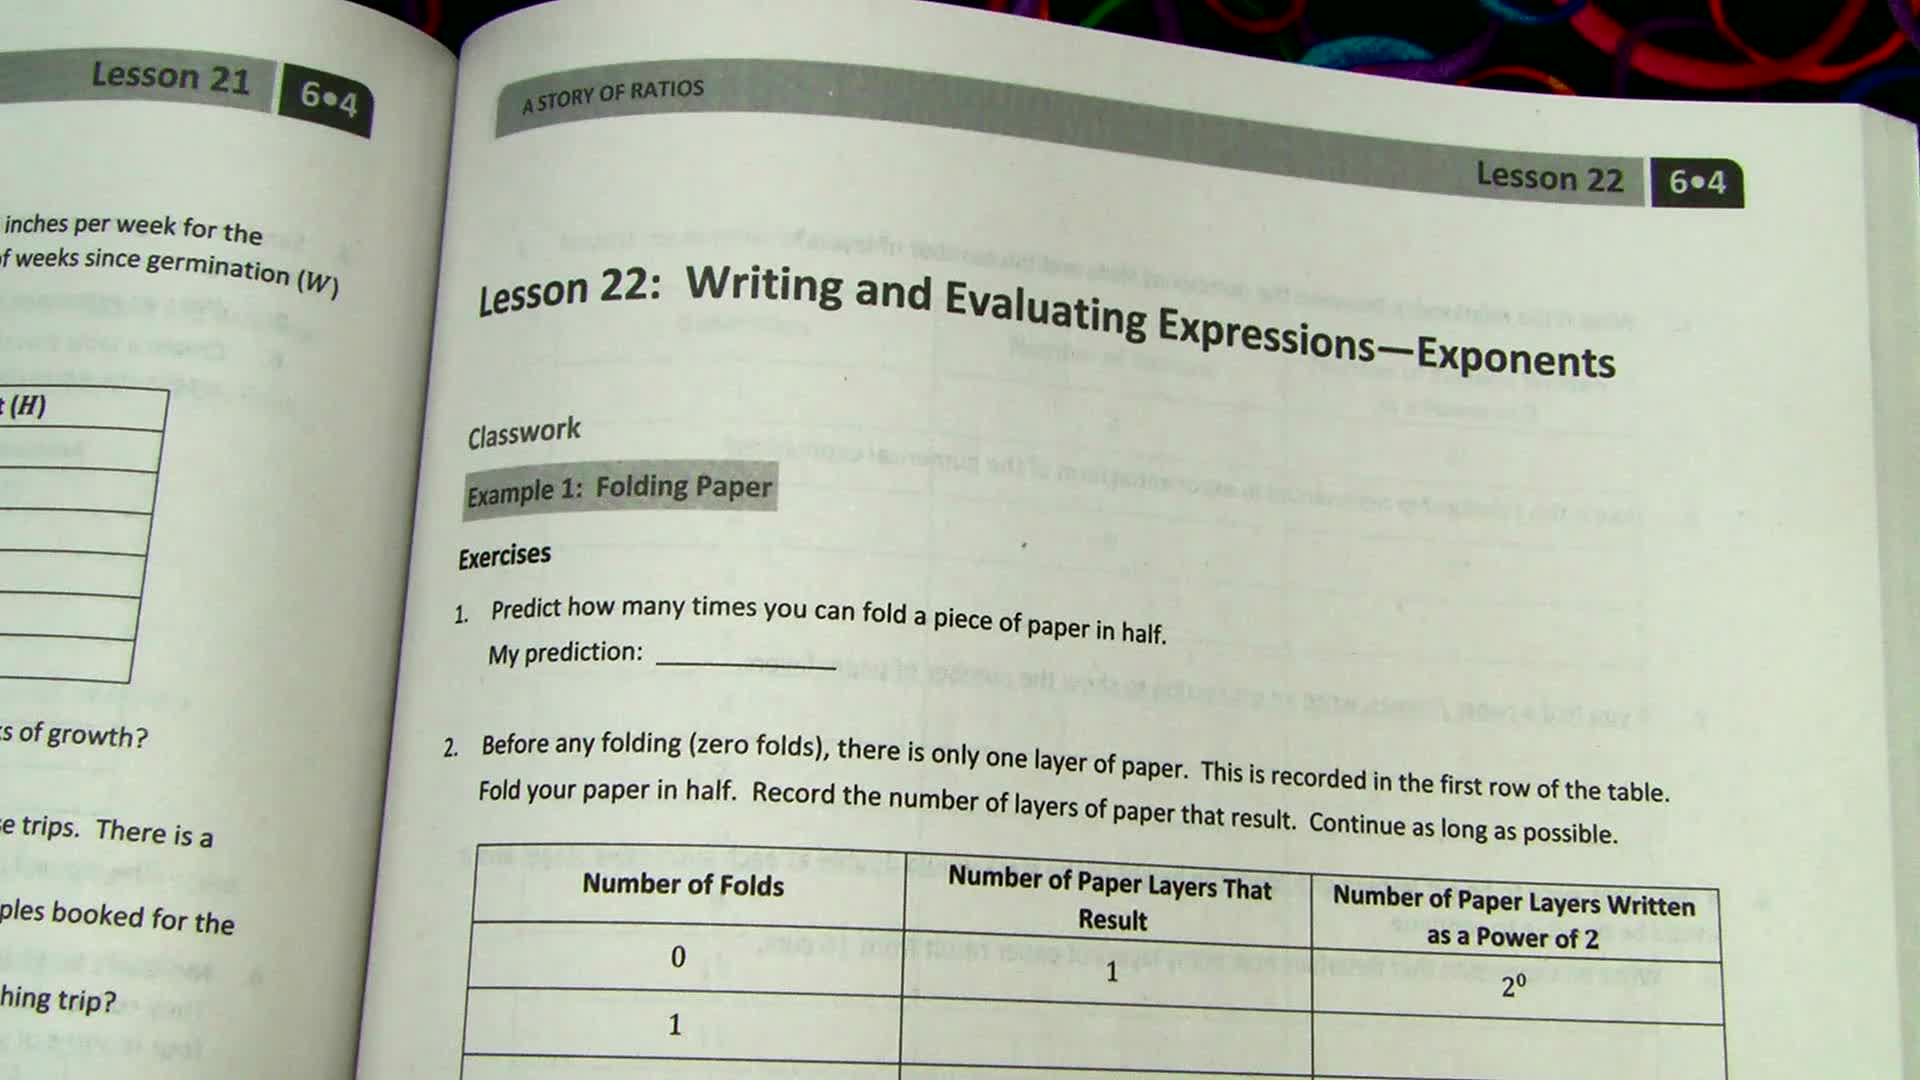 Module 4 - Lesson 22